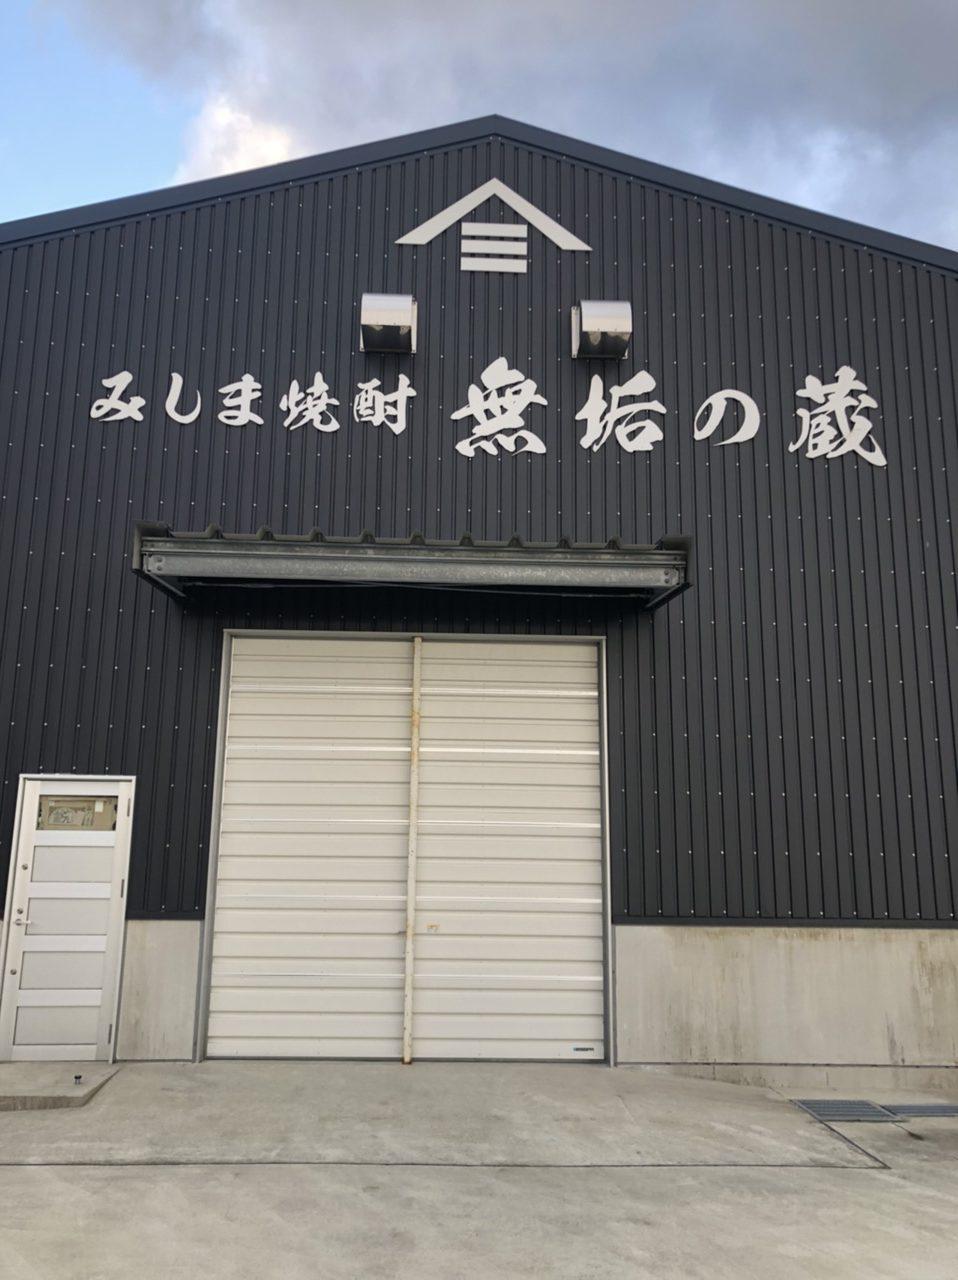 みしま焼酎 無垢の蔵リモート新春祝い酒 オンライン飲み会 イメージ画像